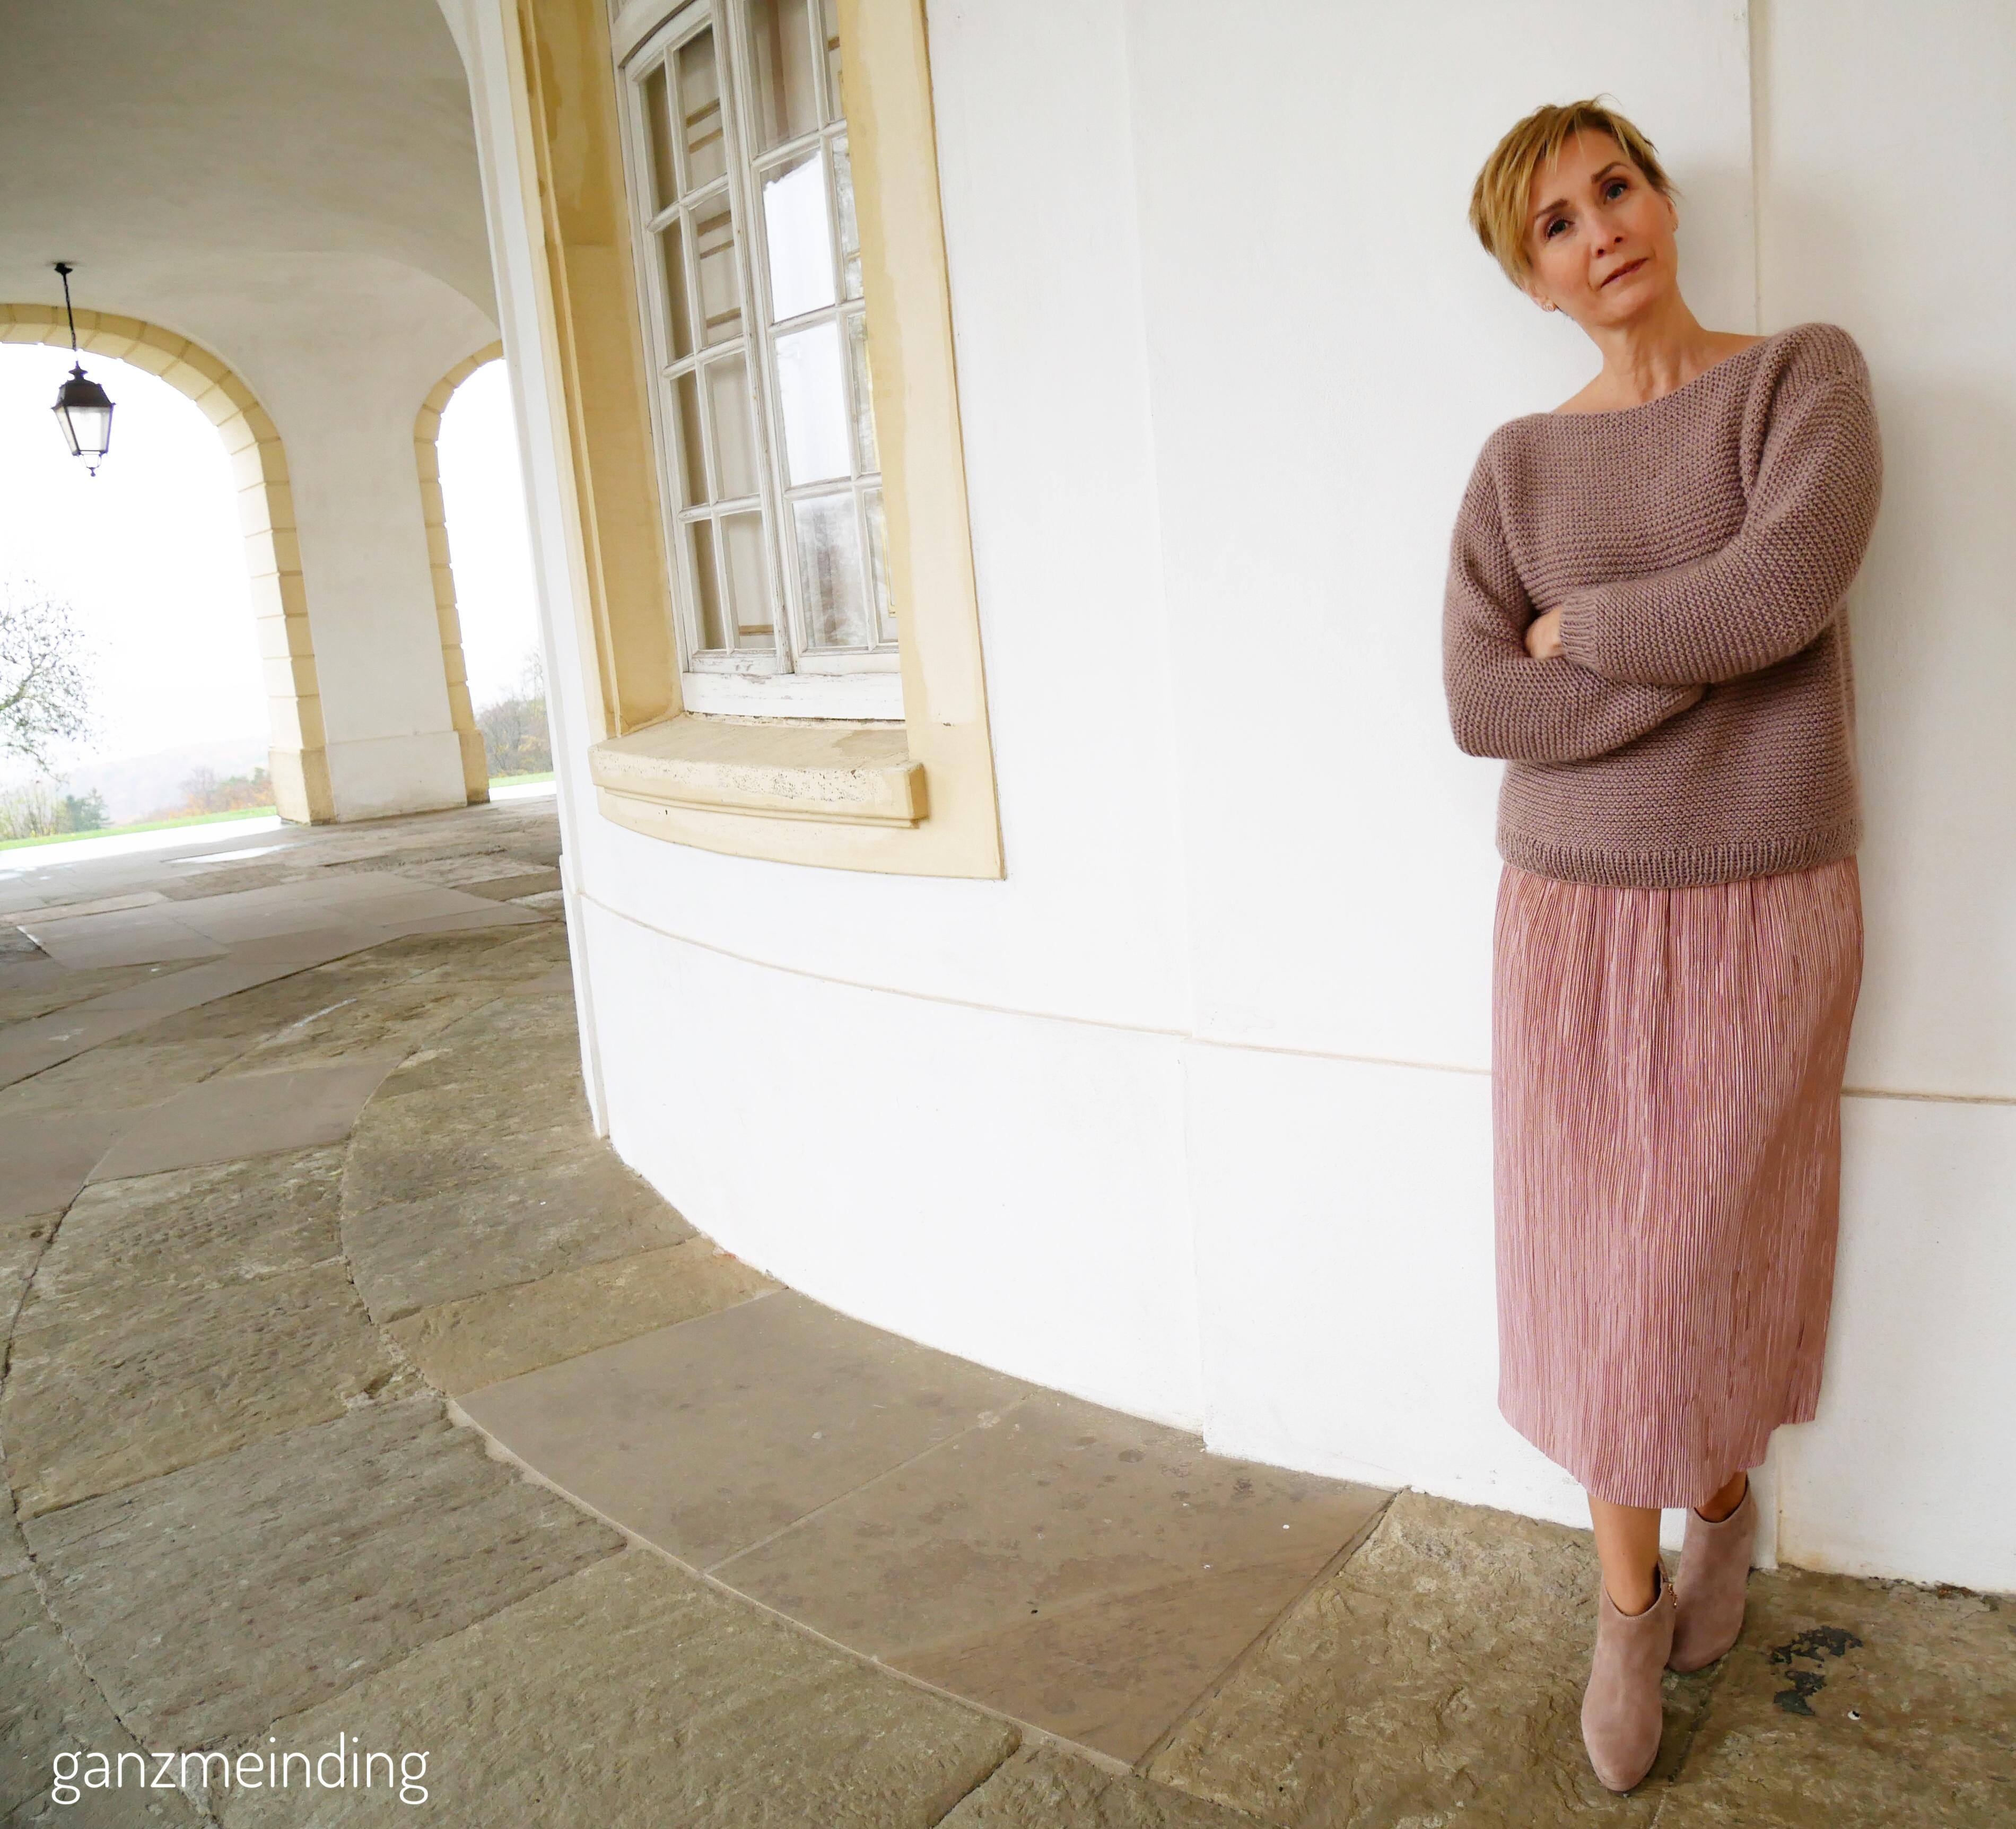 Plisseerock und Dalston Sweater von We are knitters genäht von ganzmeinding 02